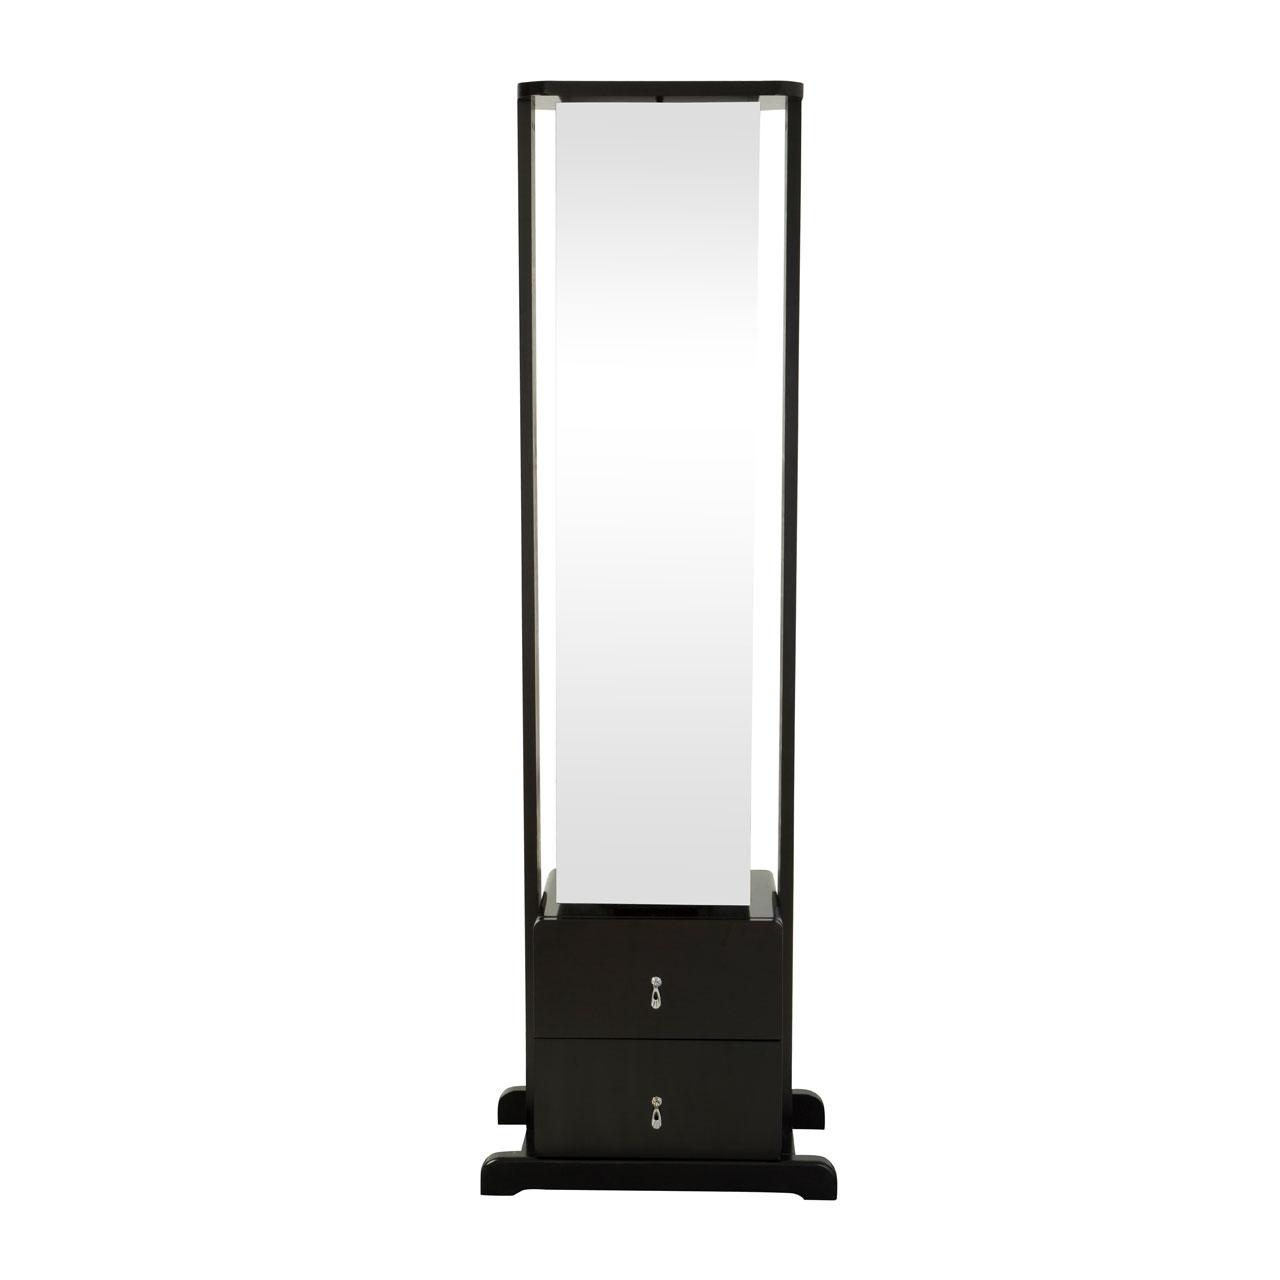 Floor Standing Mirror Black 2 Drawers & 4 Shelves Revolving Bedroom ...